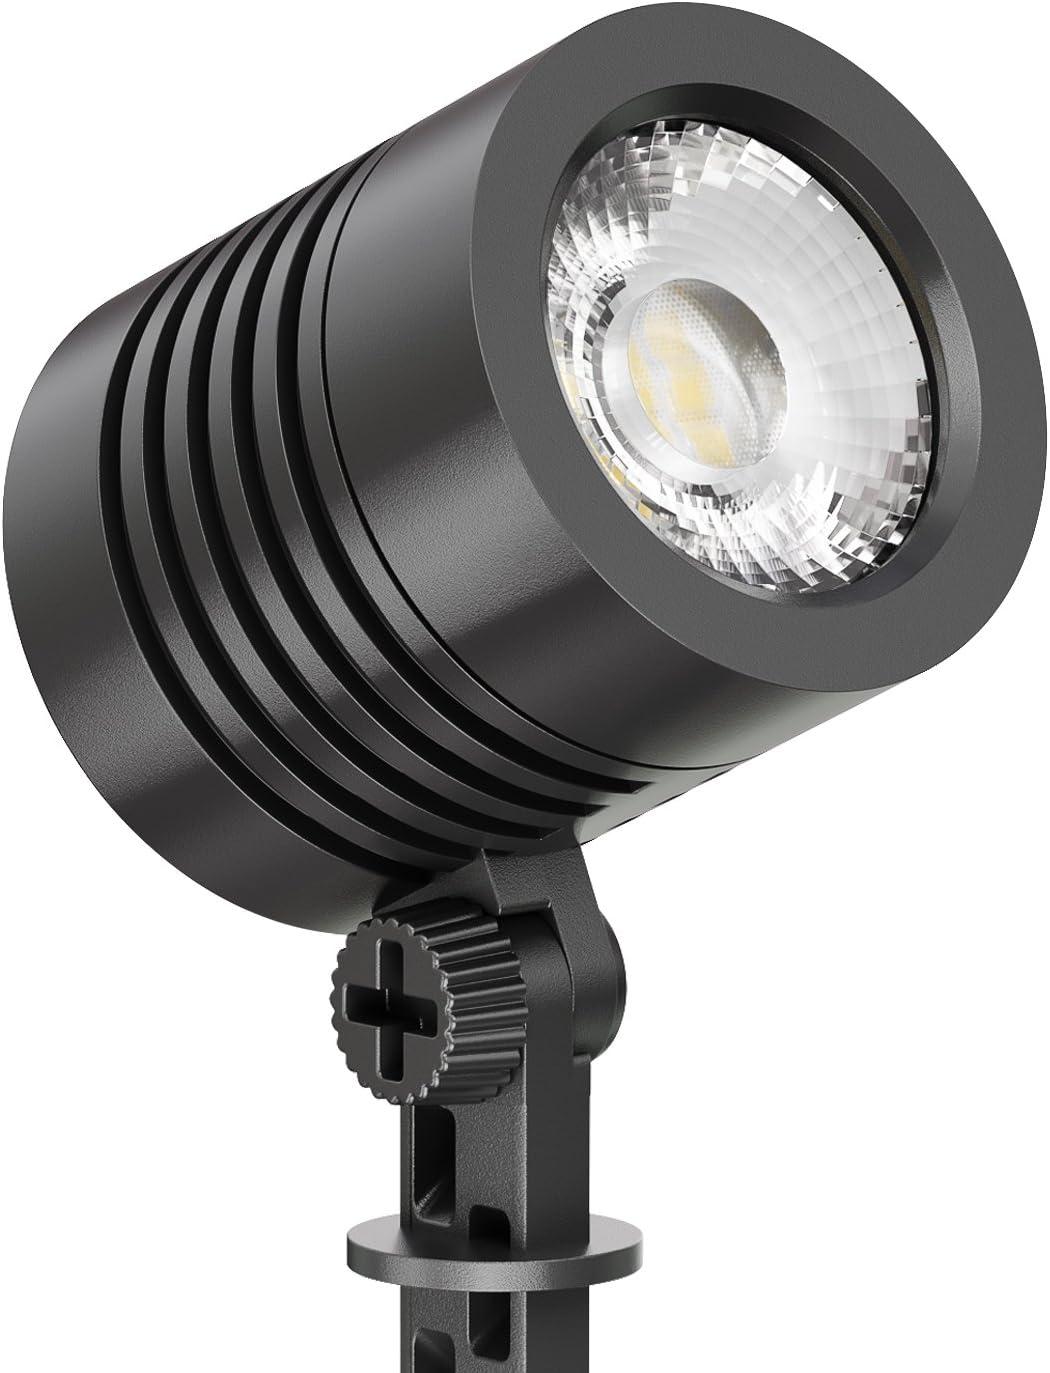 grau ledscom.de LED Gartenstrahler FLIN mit Erdspie/ß /& Stecker f/ür au/ßen IP66 wasserfest 10W 800lm warm-wei/ß Scheinwerfer